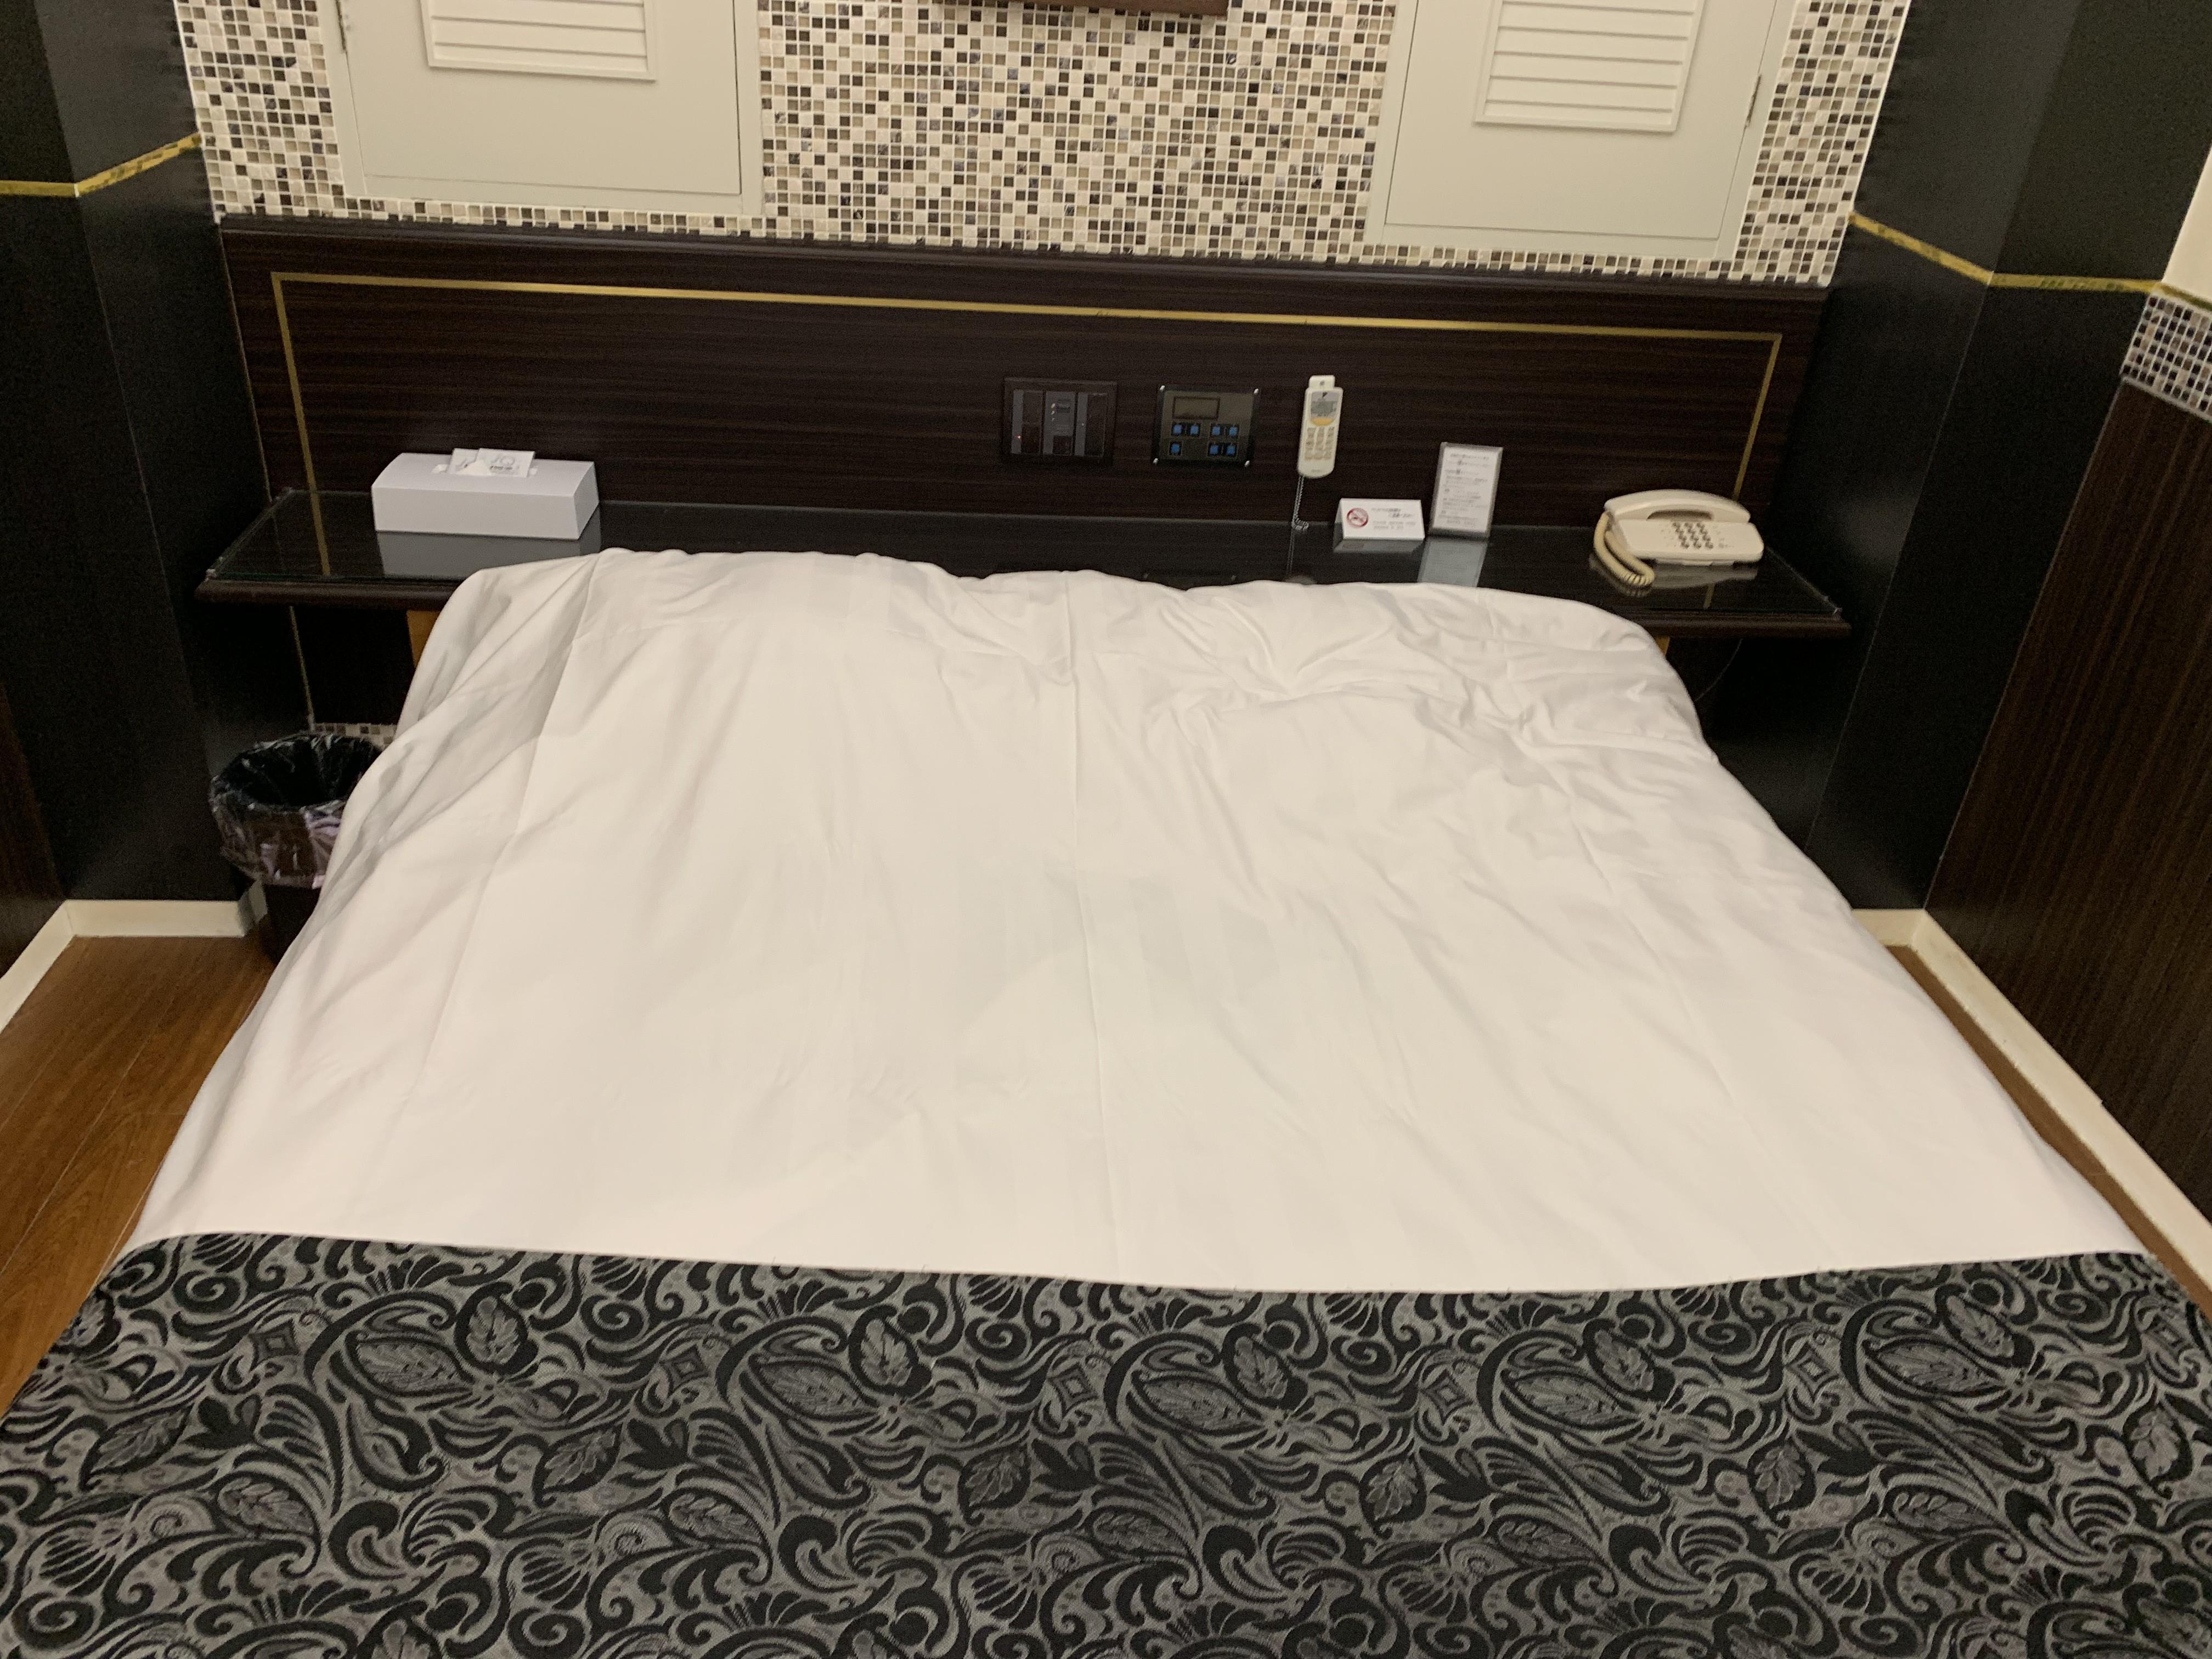 御徒町のラブホテルの部屋の画像